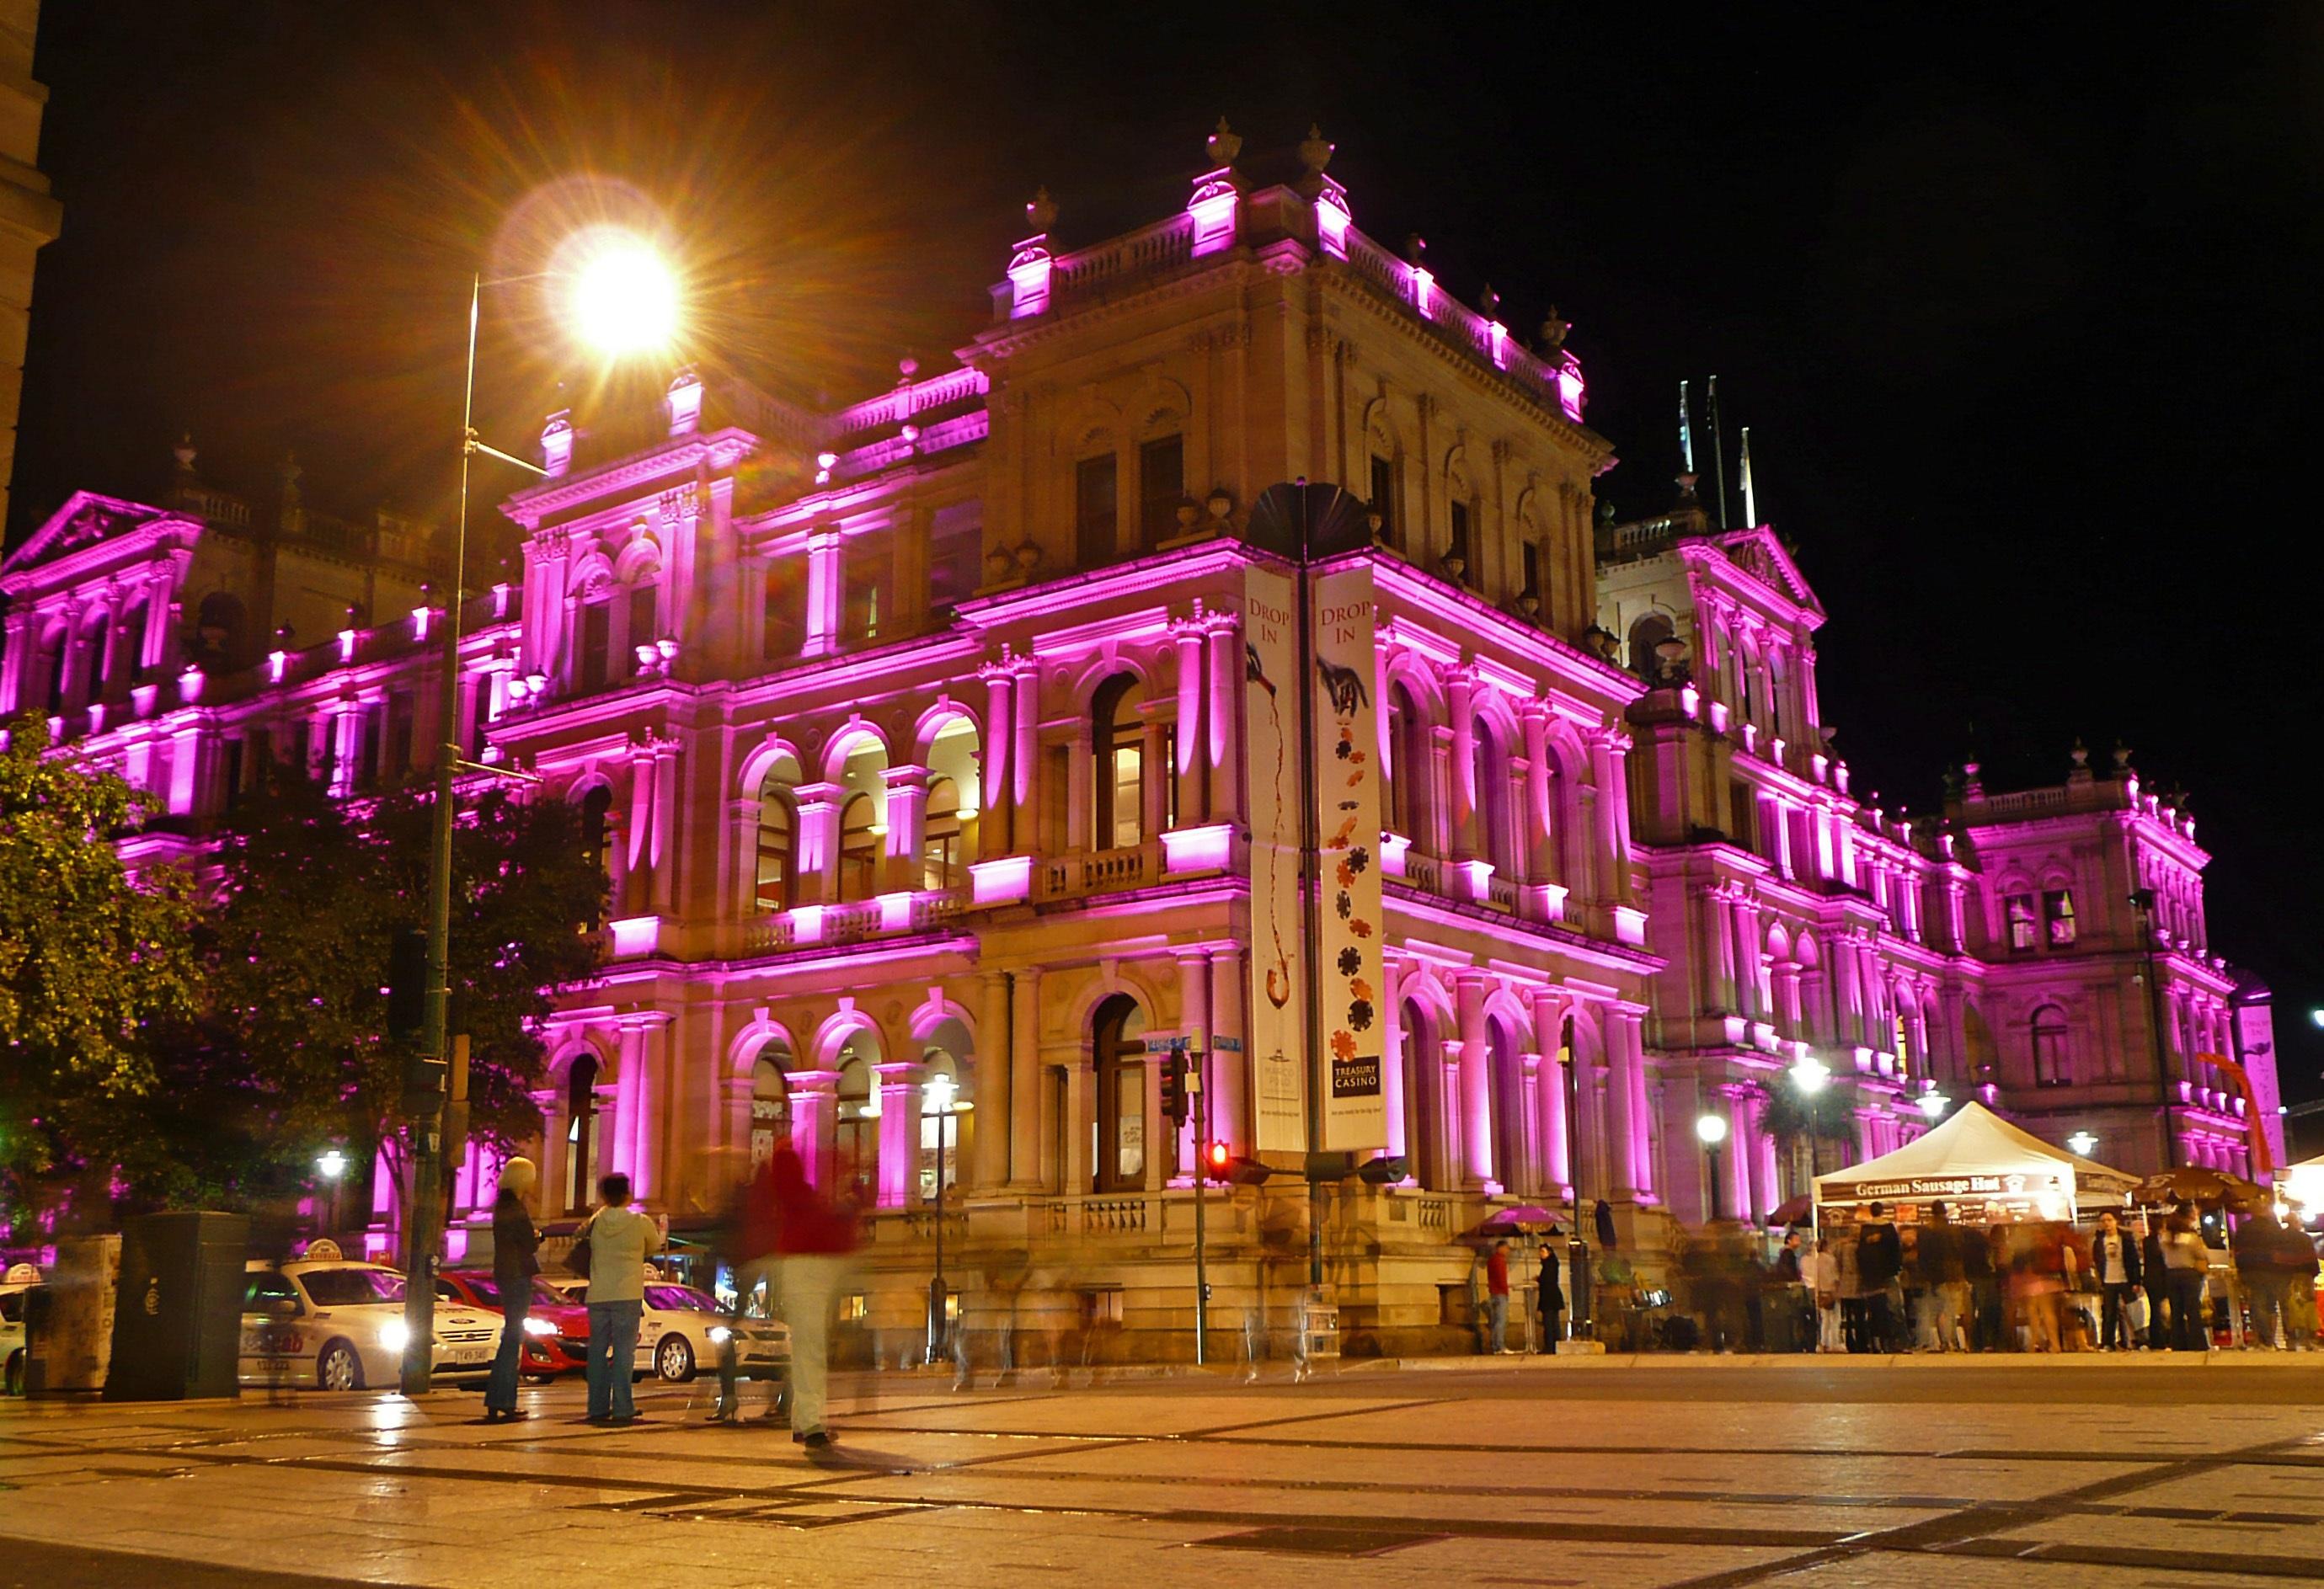 Images gratuites violet b timent paysage urbain for Spot eclairage facade noel